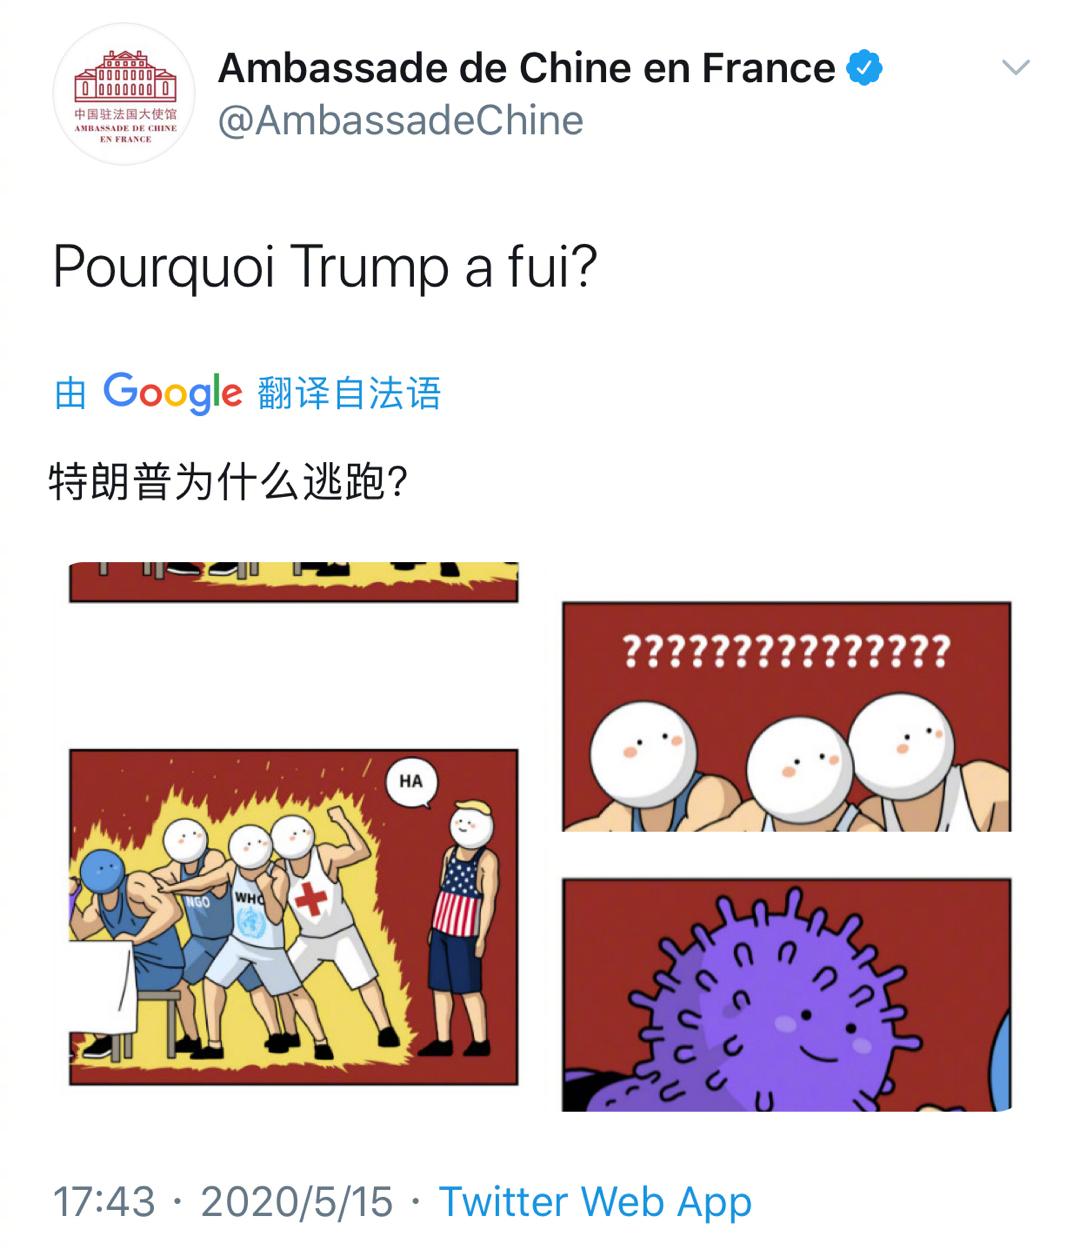 中国驻法国大使馆在推特发布三张漫画,并写道:特朗普为什么逃跑?